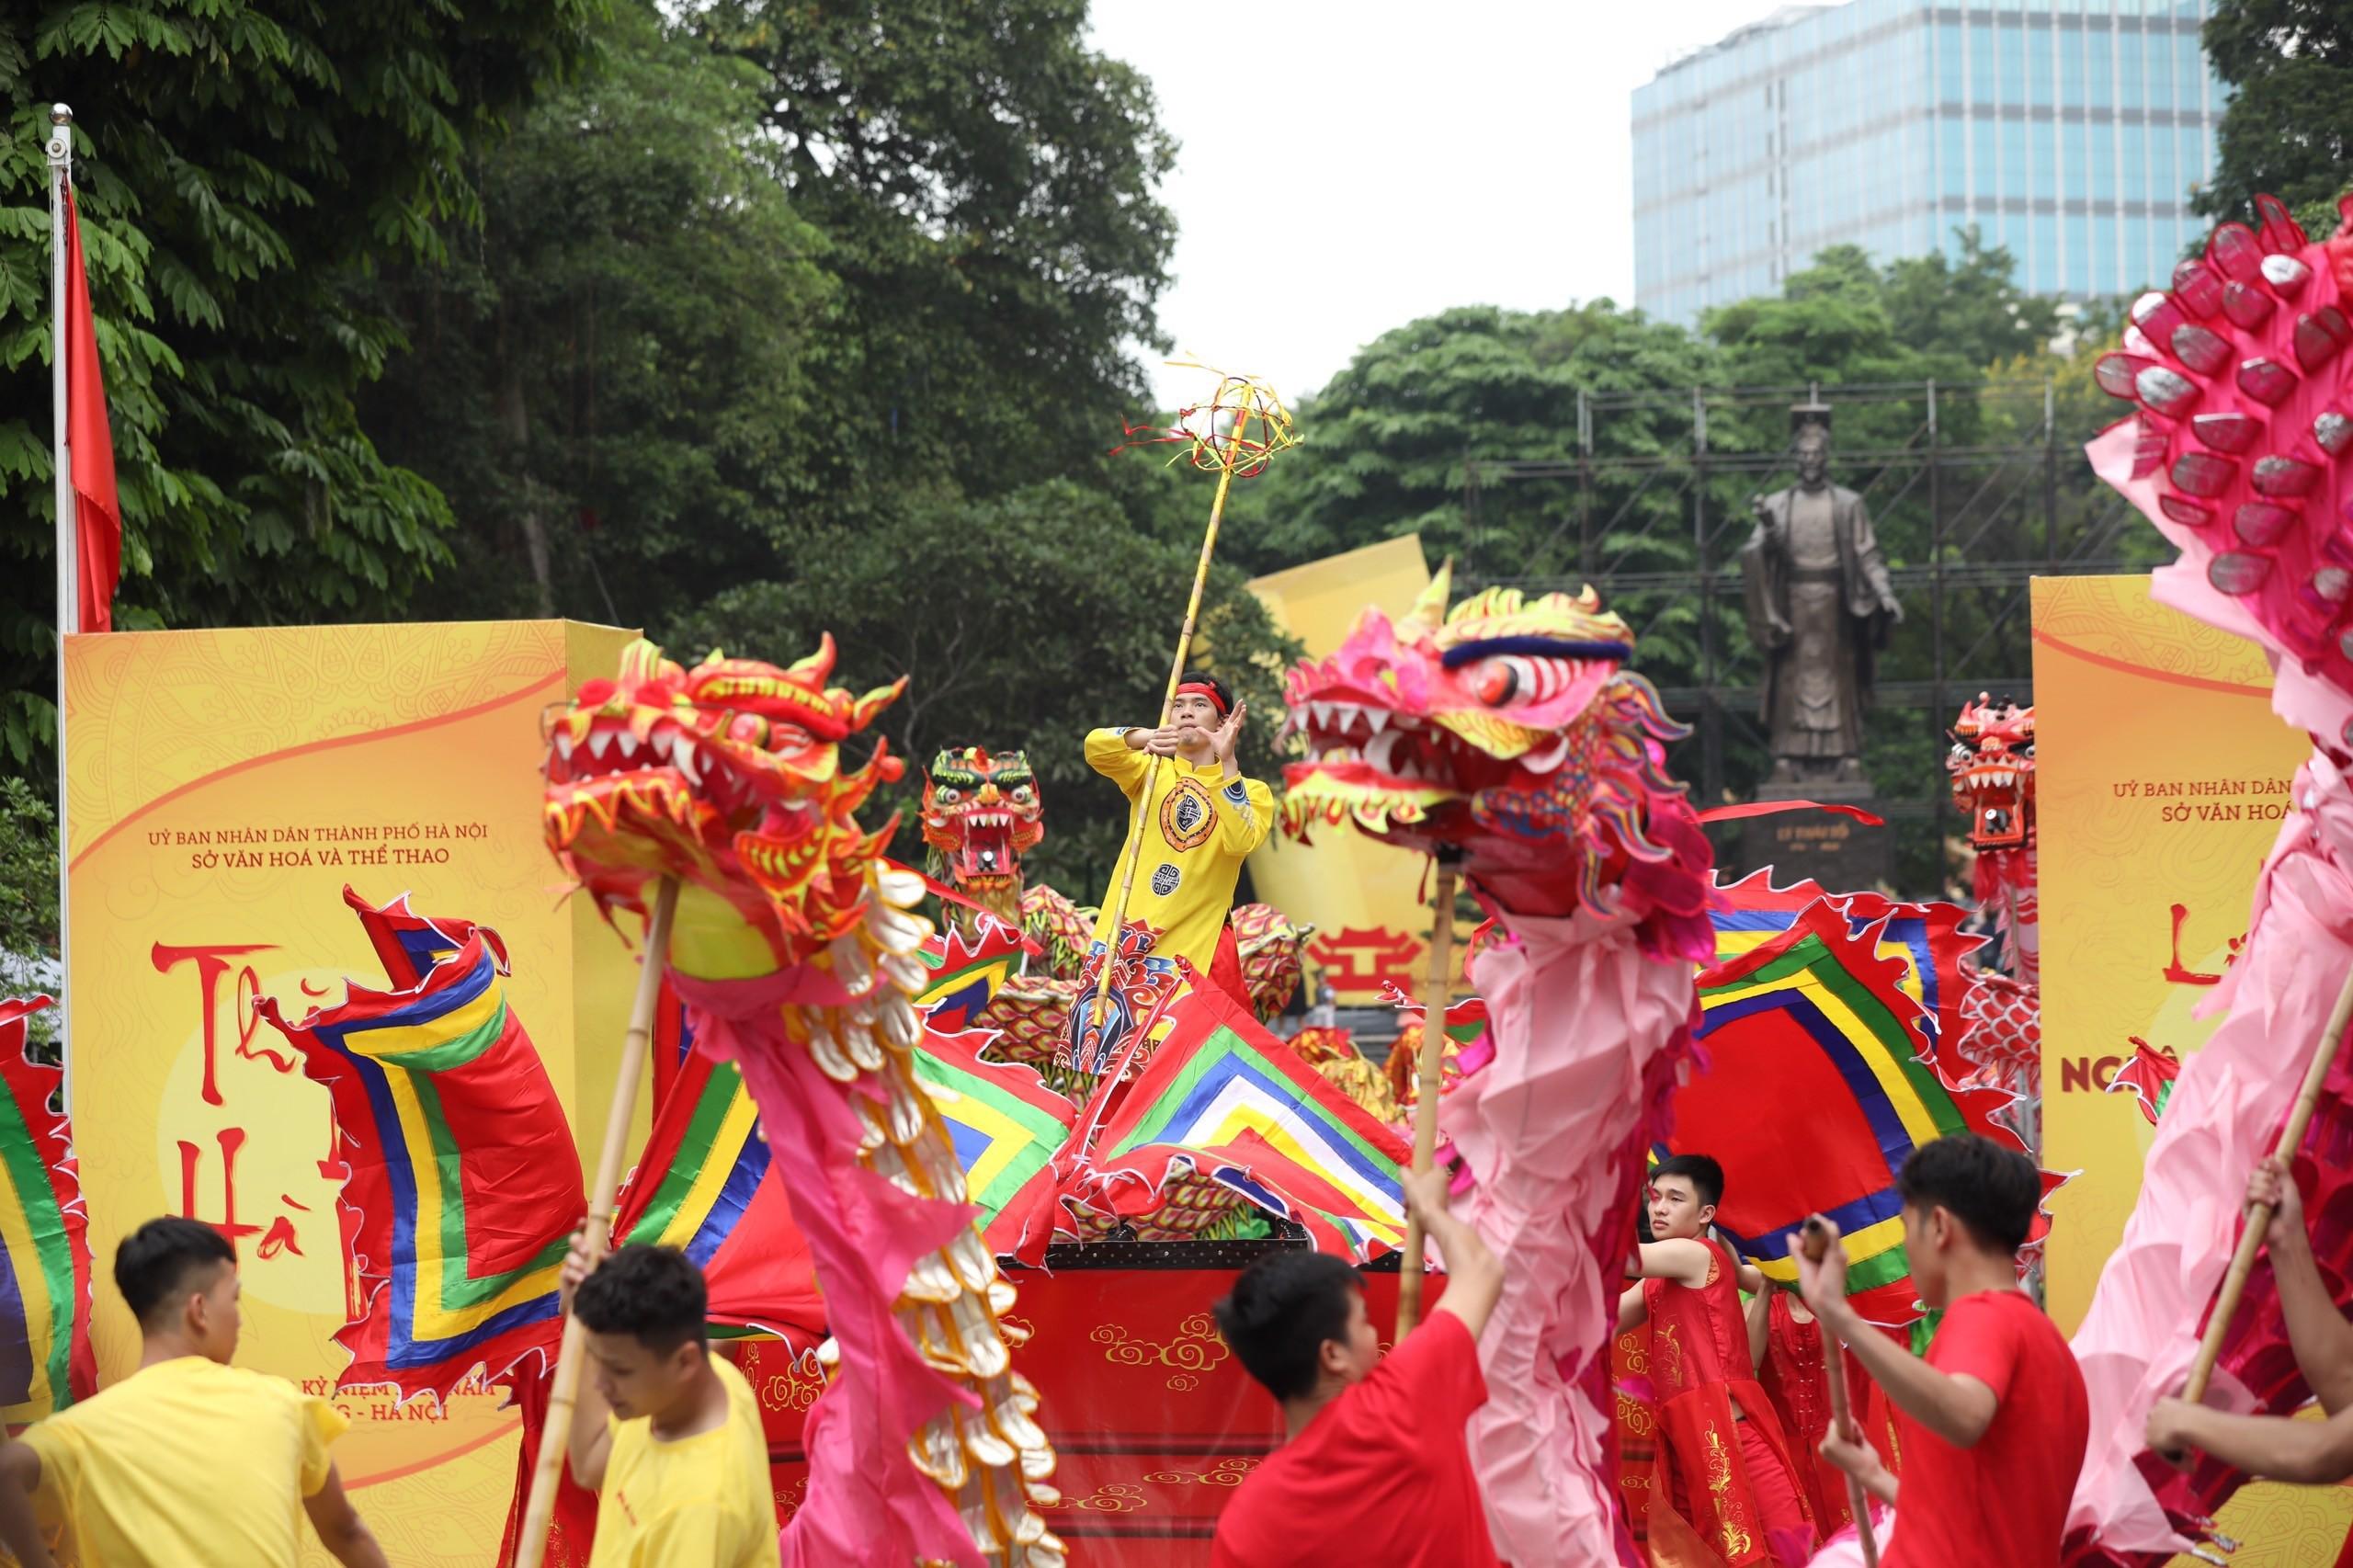 Văn hoá - Mãn nhãn Liên hoan nghệ thuật múa Rồng chào mừng kỷ niệm 1010 năm Thăng Long - Hà Nội (Hình 5).